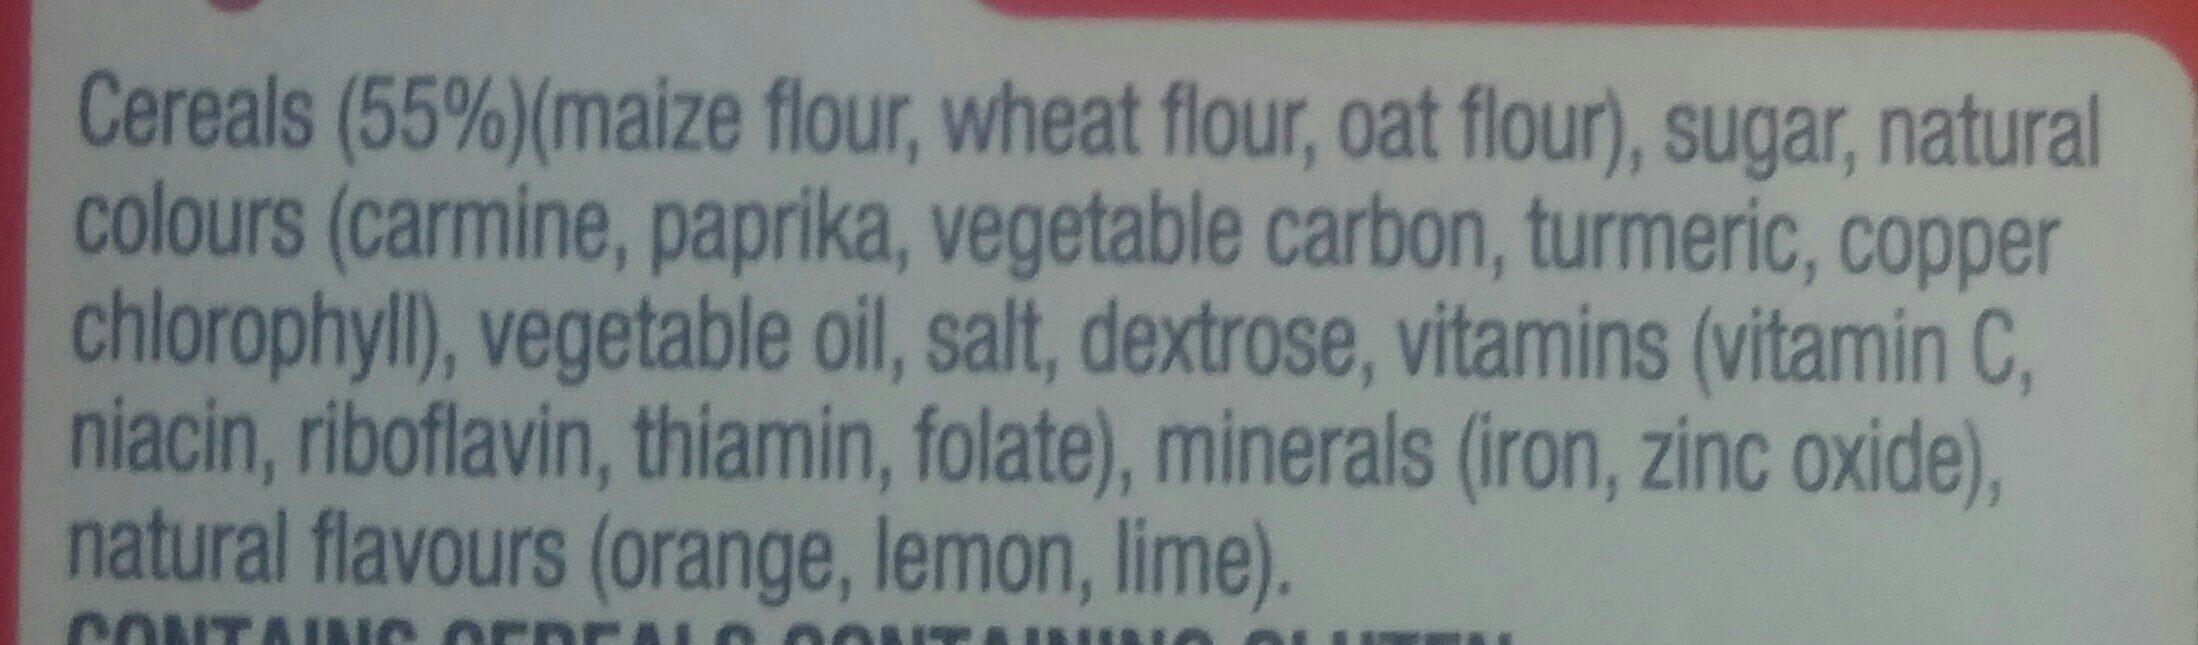 Kellogg's Fruit Loops 500G - Ingredients